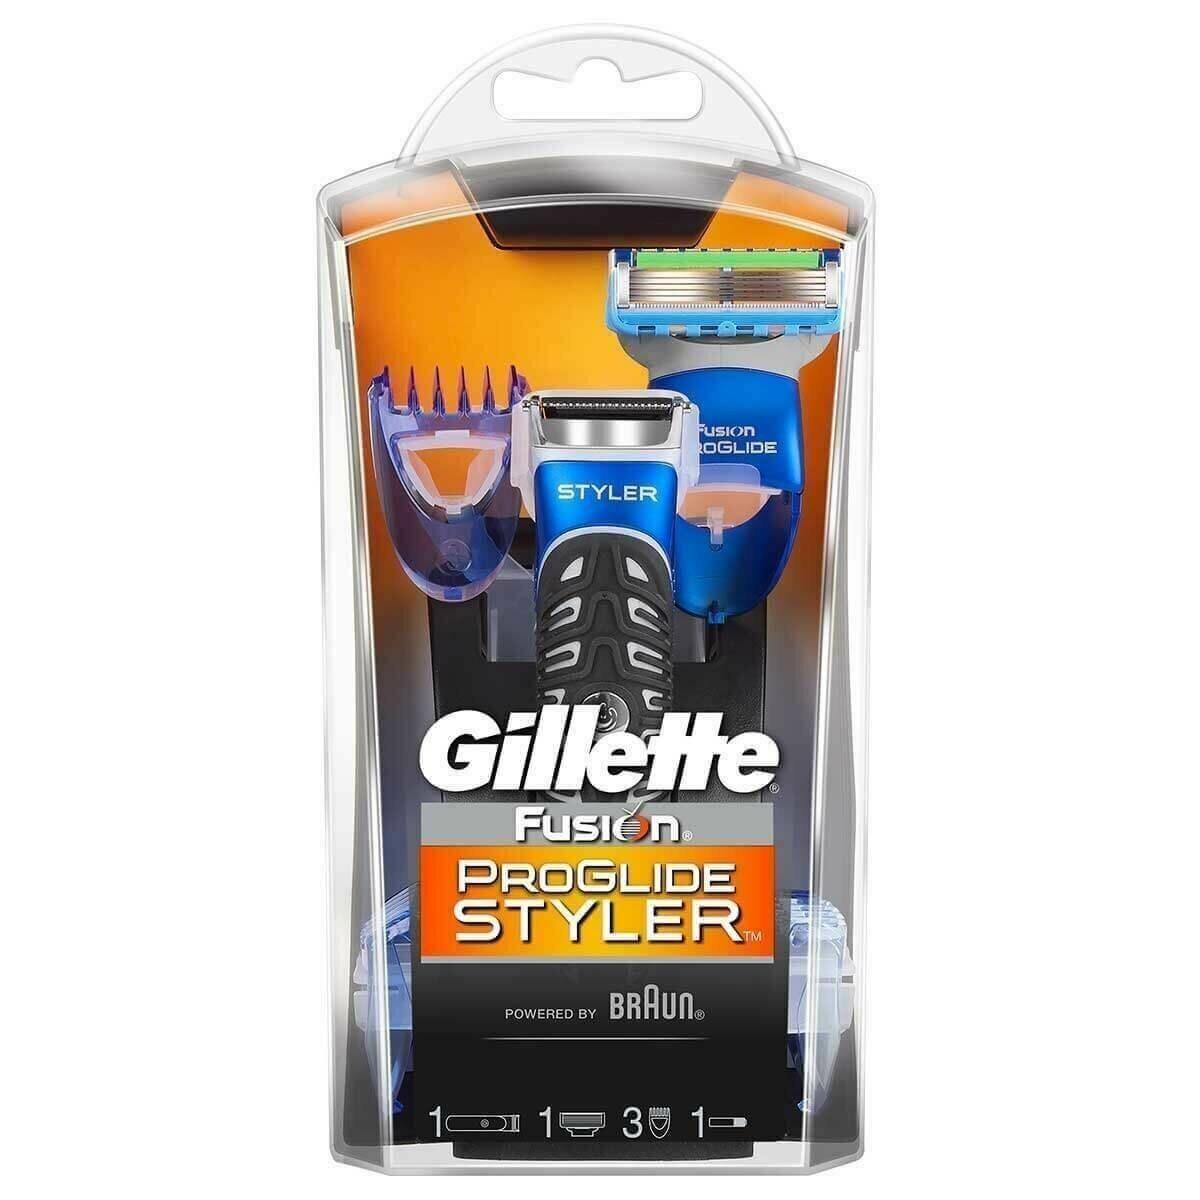 ریش تراش ژیلت سه کاره اورجینال GILLETTE Fusion Proglide Styler 3 in 1  